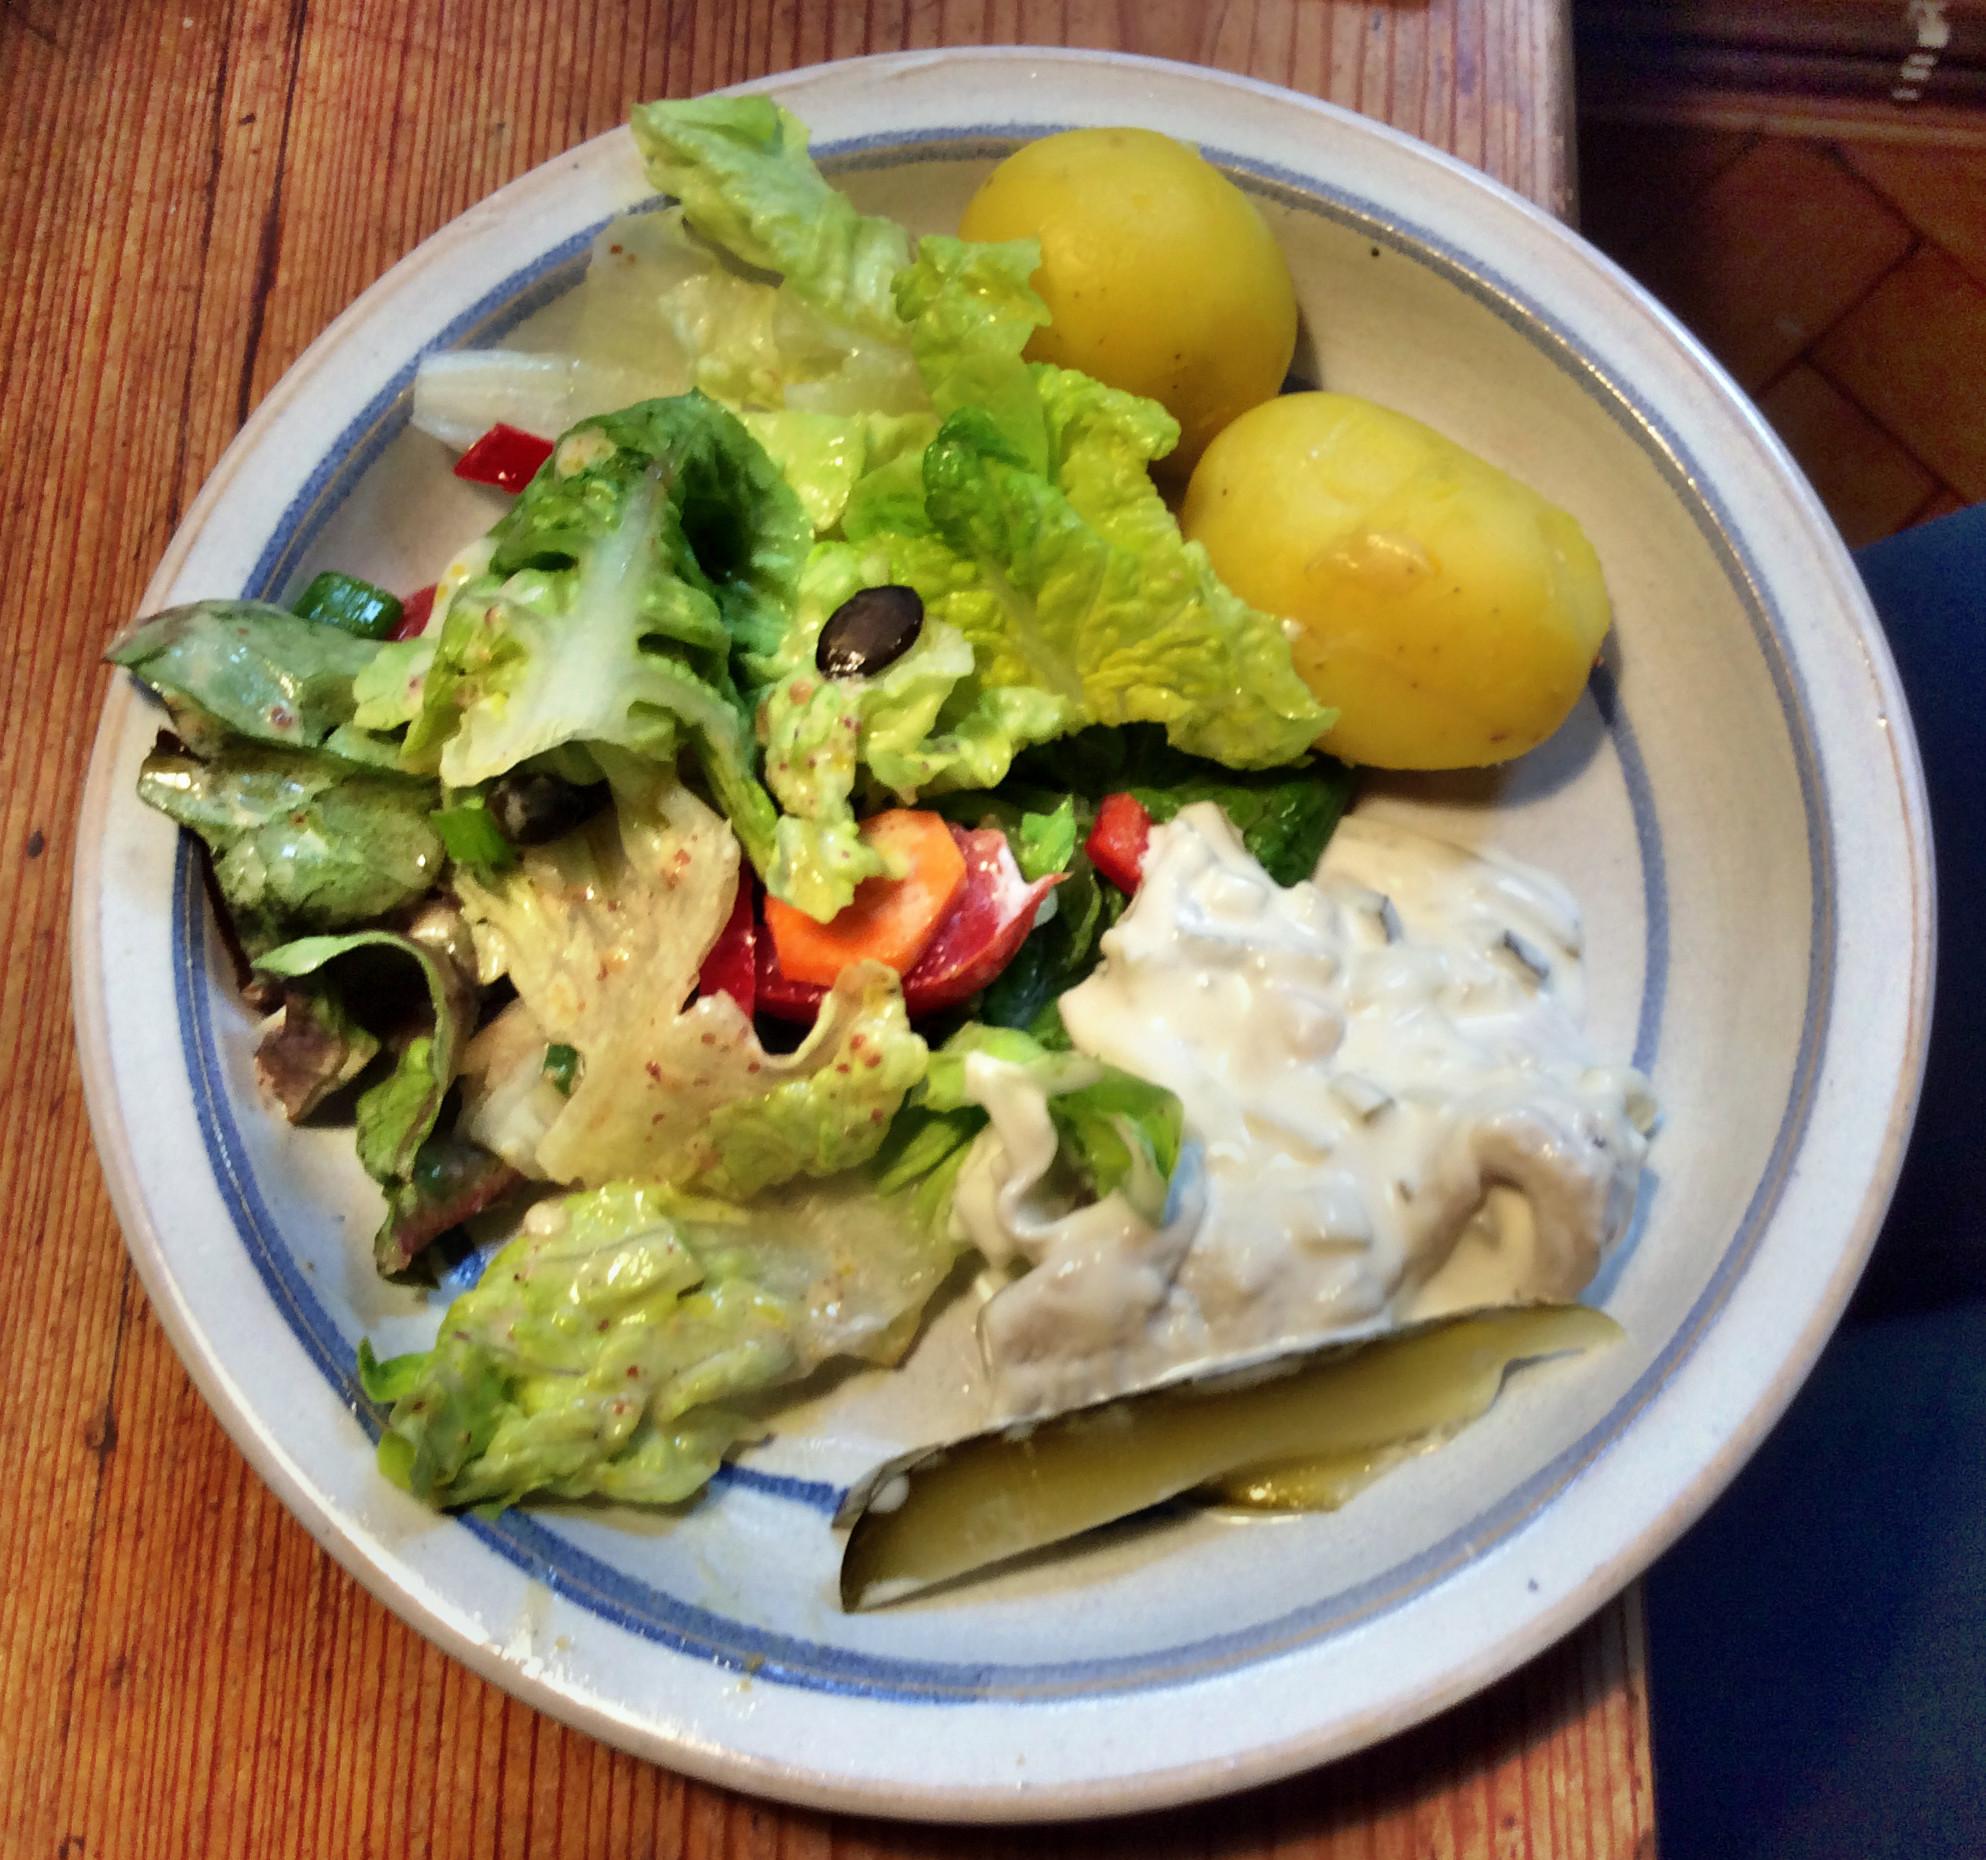 Marinierter Hering,gemischter Salat,Kartoffeln - 7.10.15   (4)